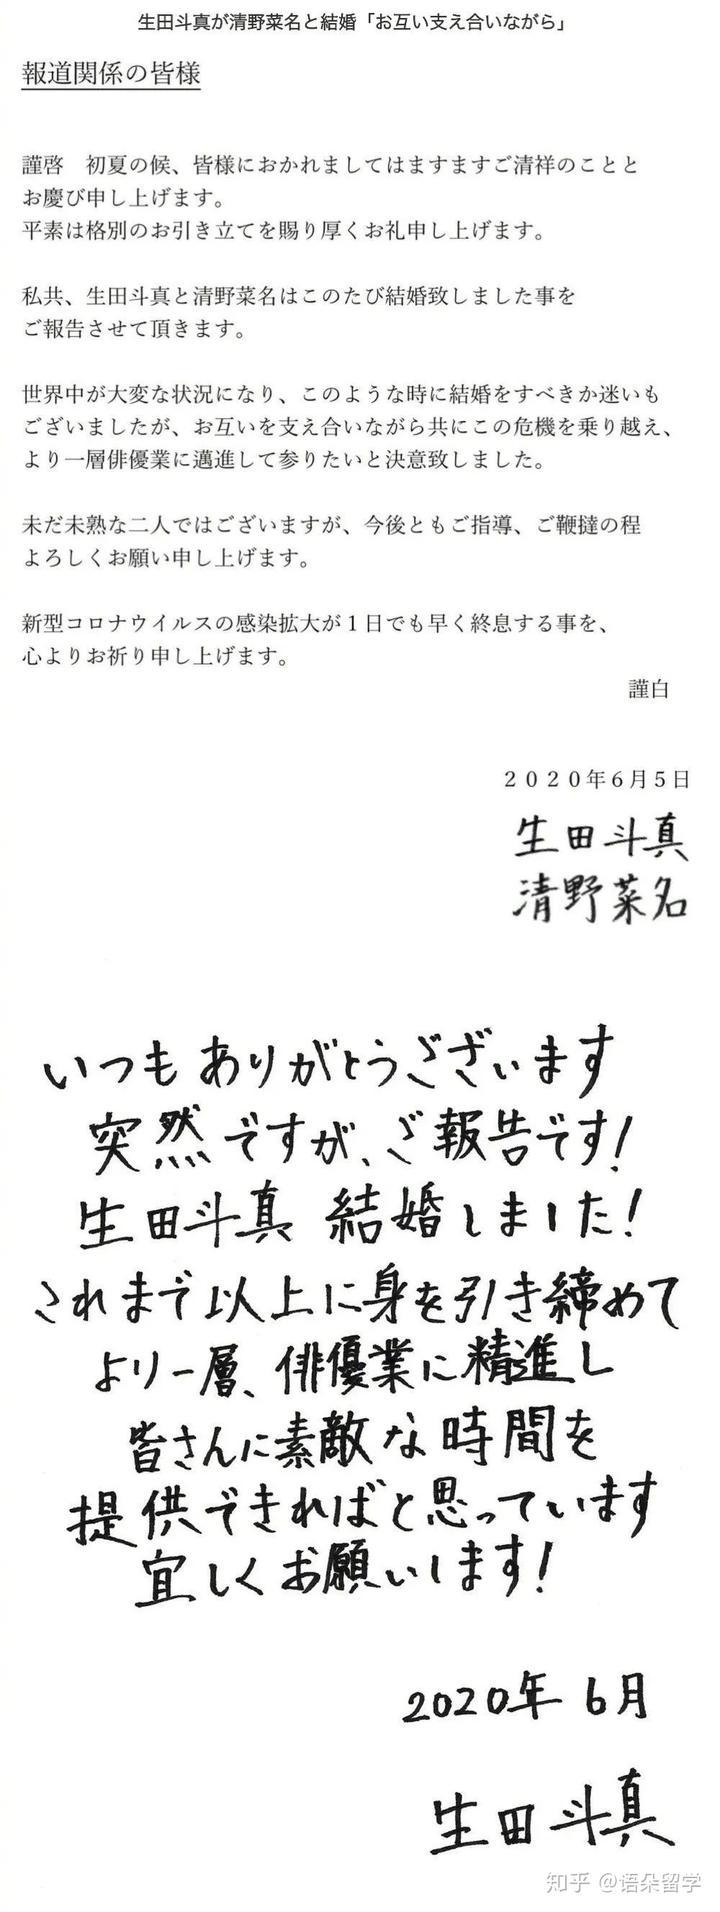 真 名 生田 斗 清 野菜